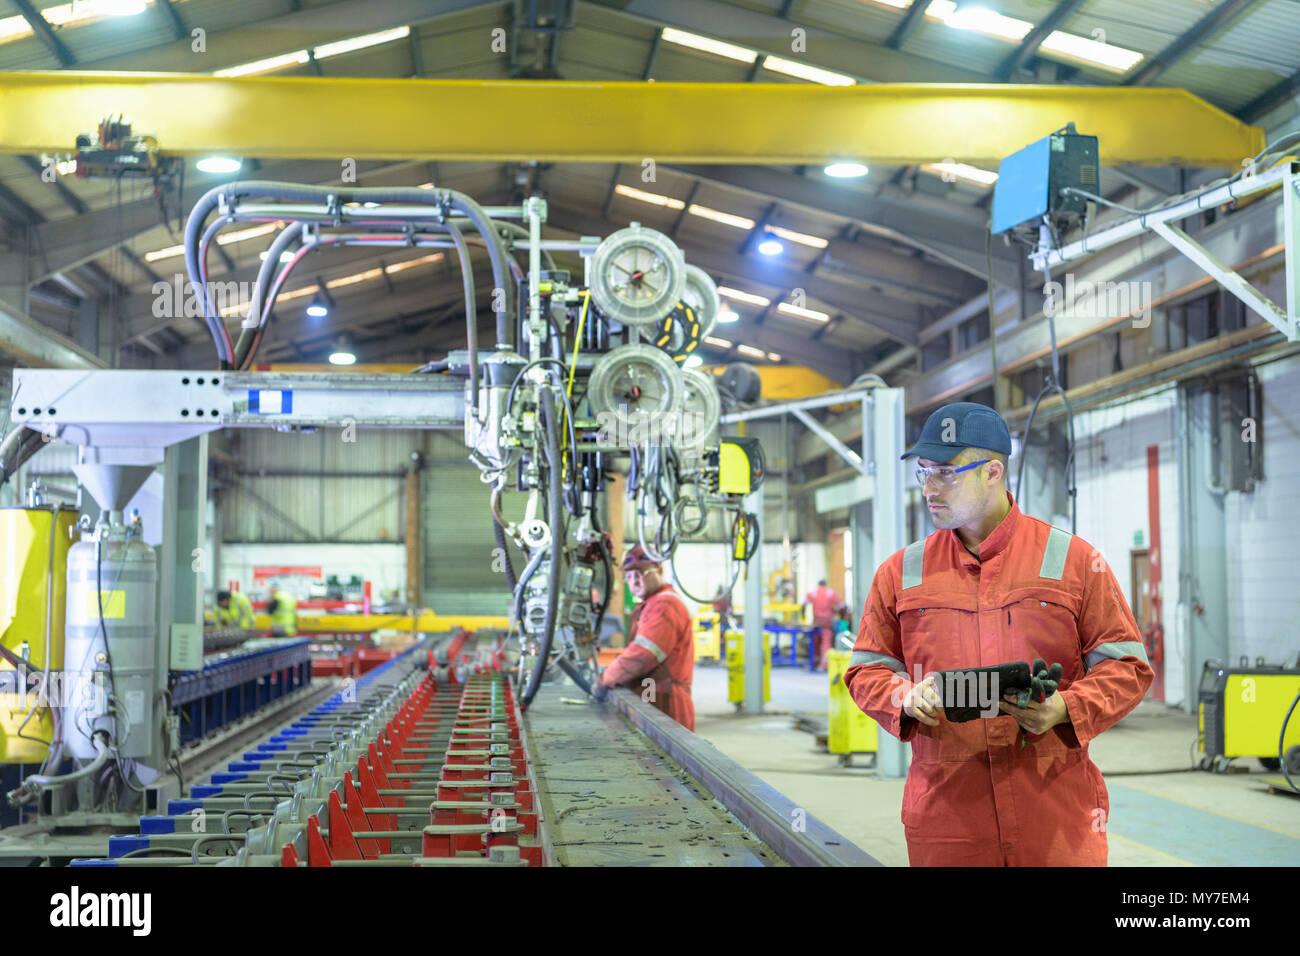 Avec l'inspecteur d'exploitation des travailleurs dans la machine de soudage par faisceau d'usine de remorque Photo Stock